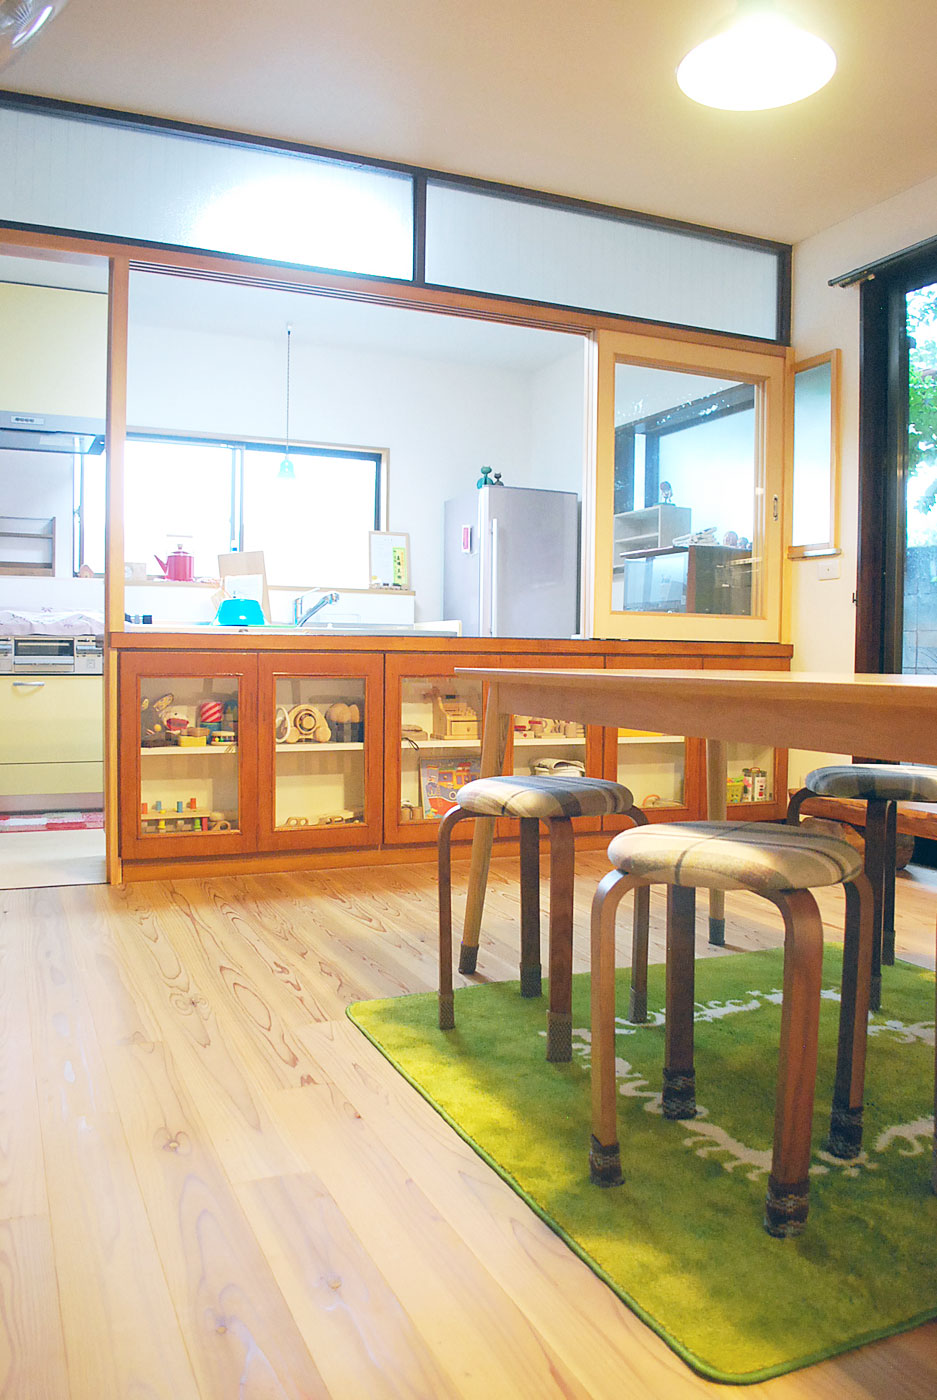 かばんねこのレンタルスペース&キッチン(菓子製造許可・飲食店営業許可つき)